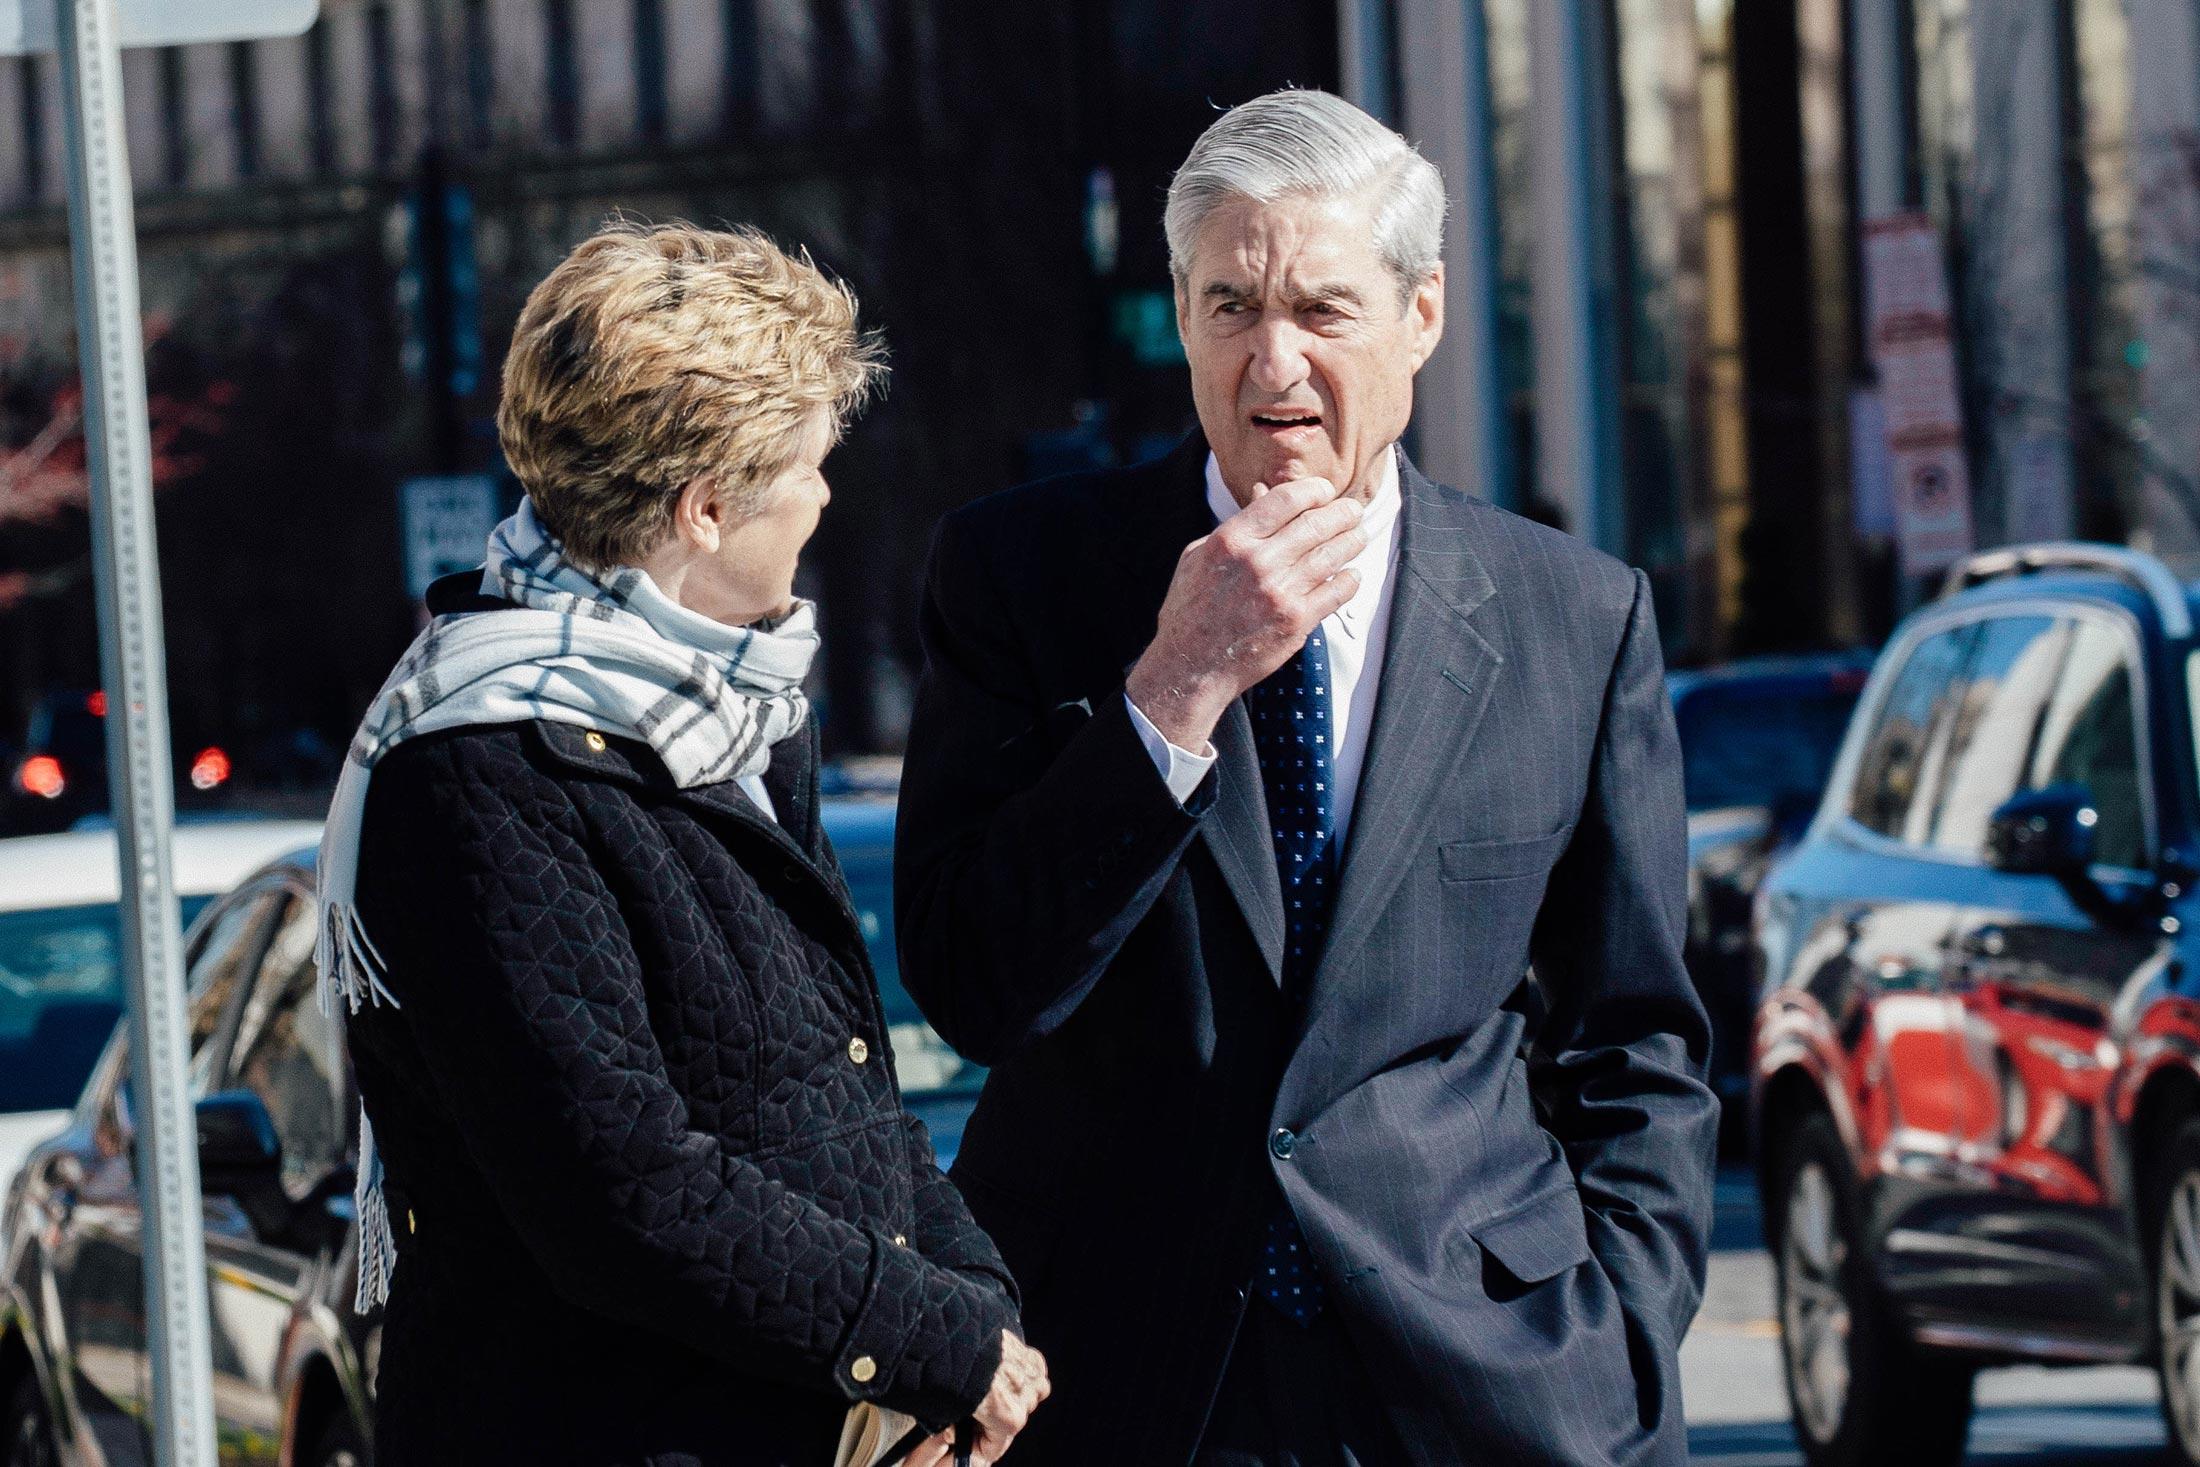 Ann Mueller and special counsel Robert Mueller take a walk.